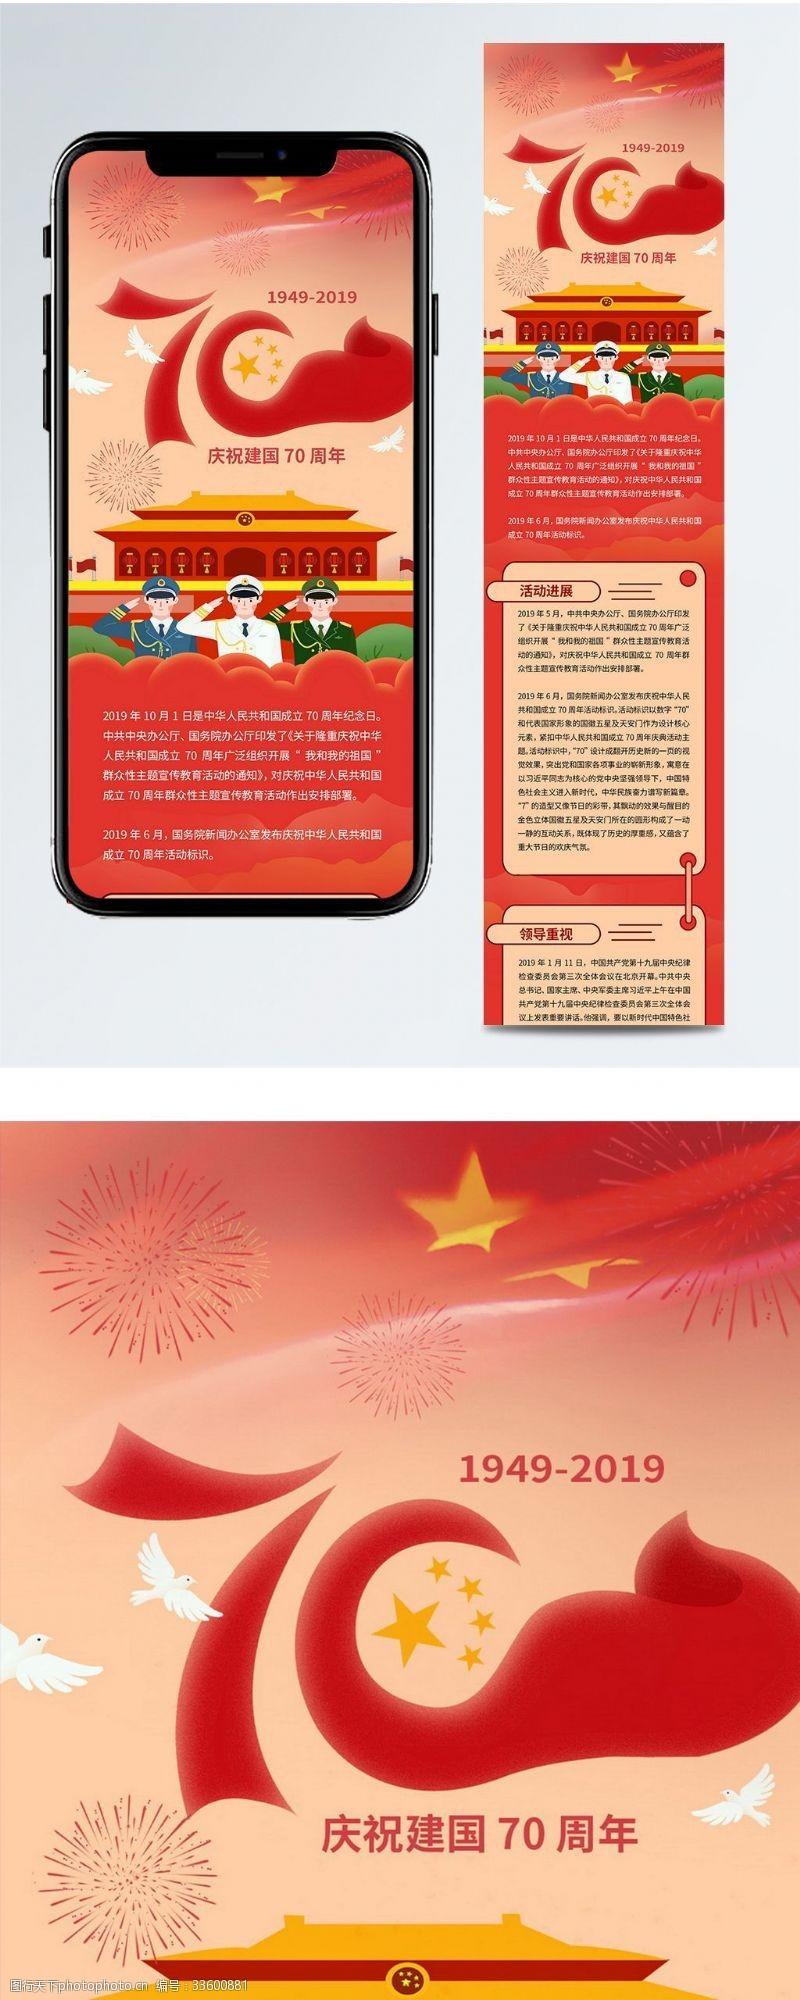 五星红旗中国建国70周年国庆节日介绍信息长图